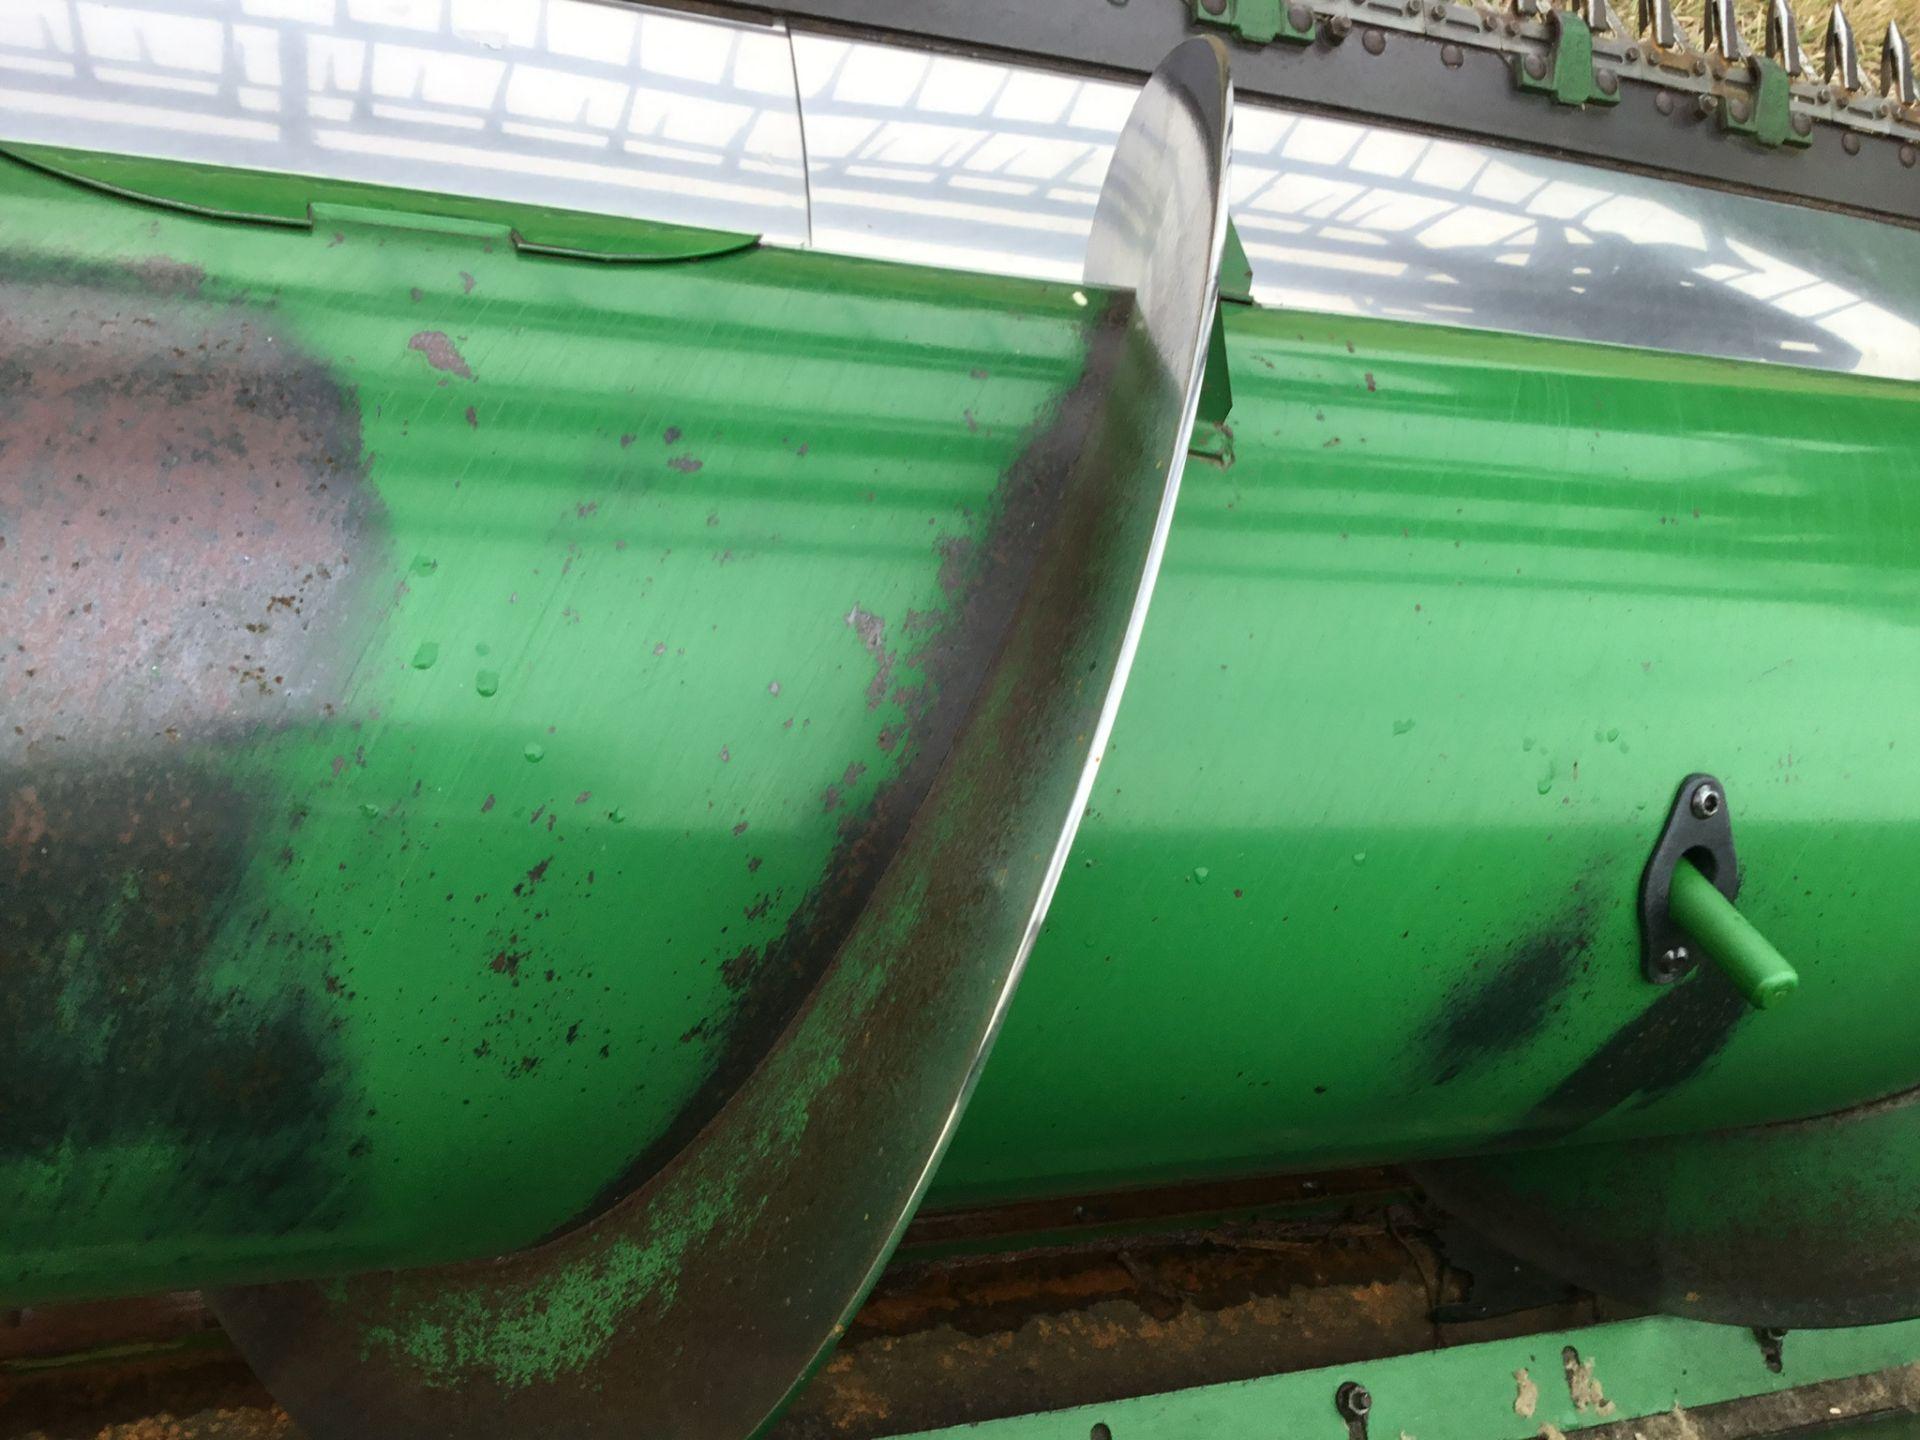 John Deere 920 Bean Platform, Full Poly, Full Finger Auger, Serial #HOO920F661763 - Image 2 of 11